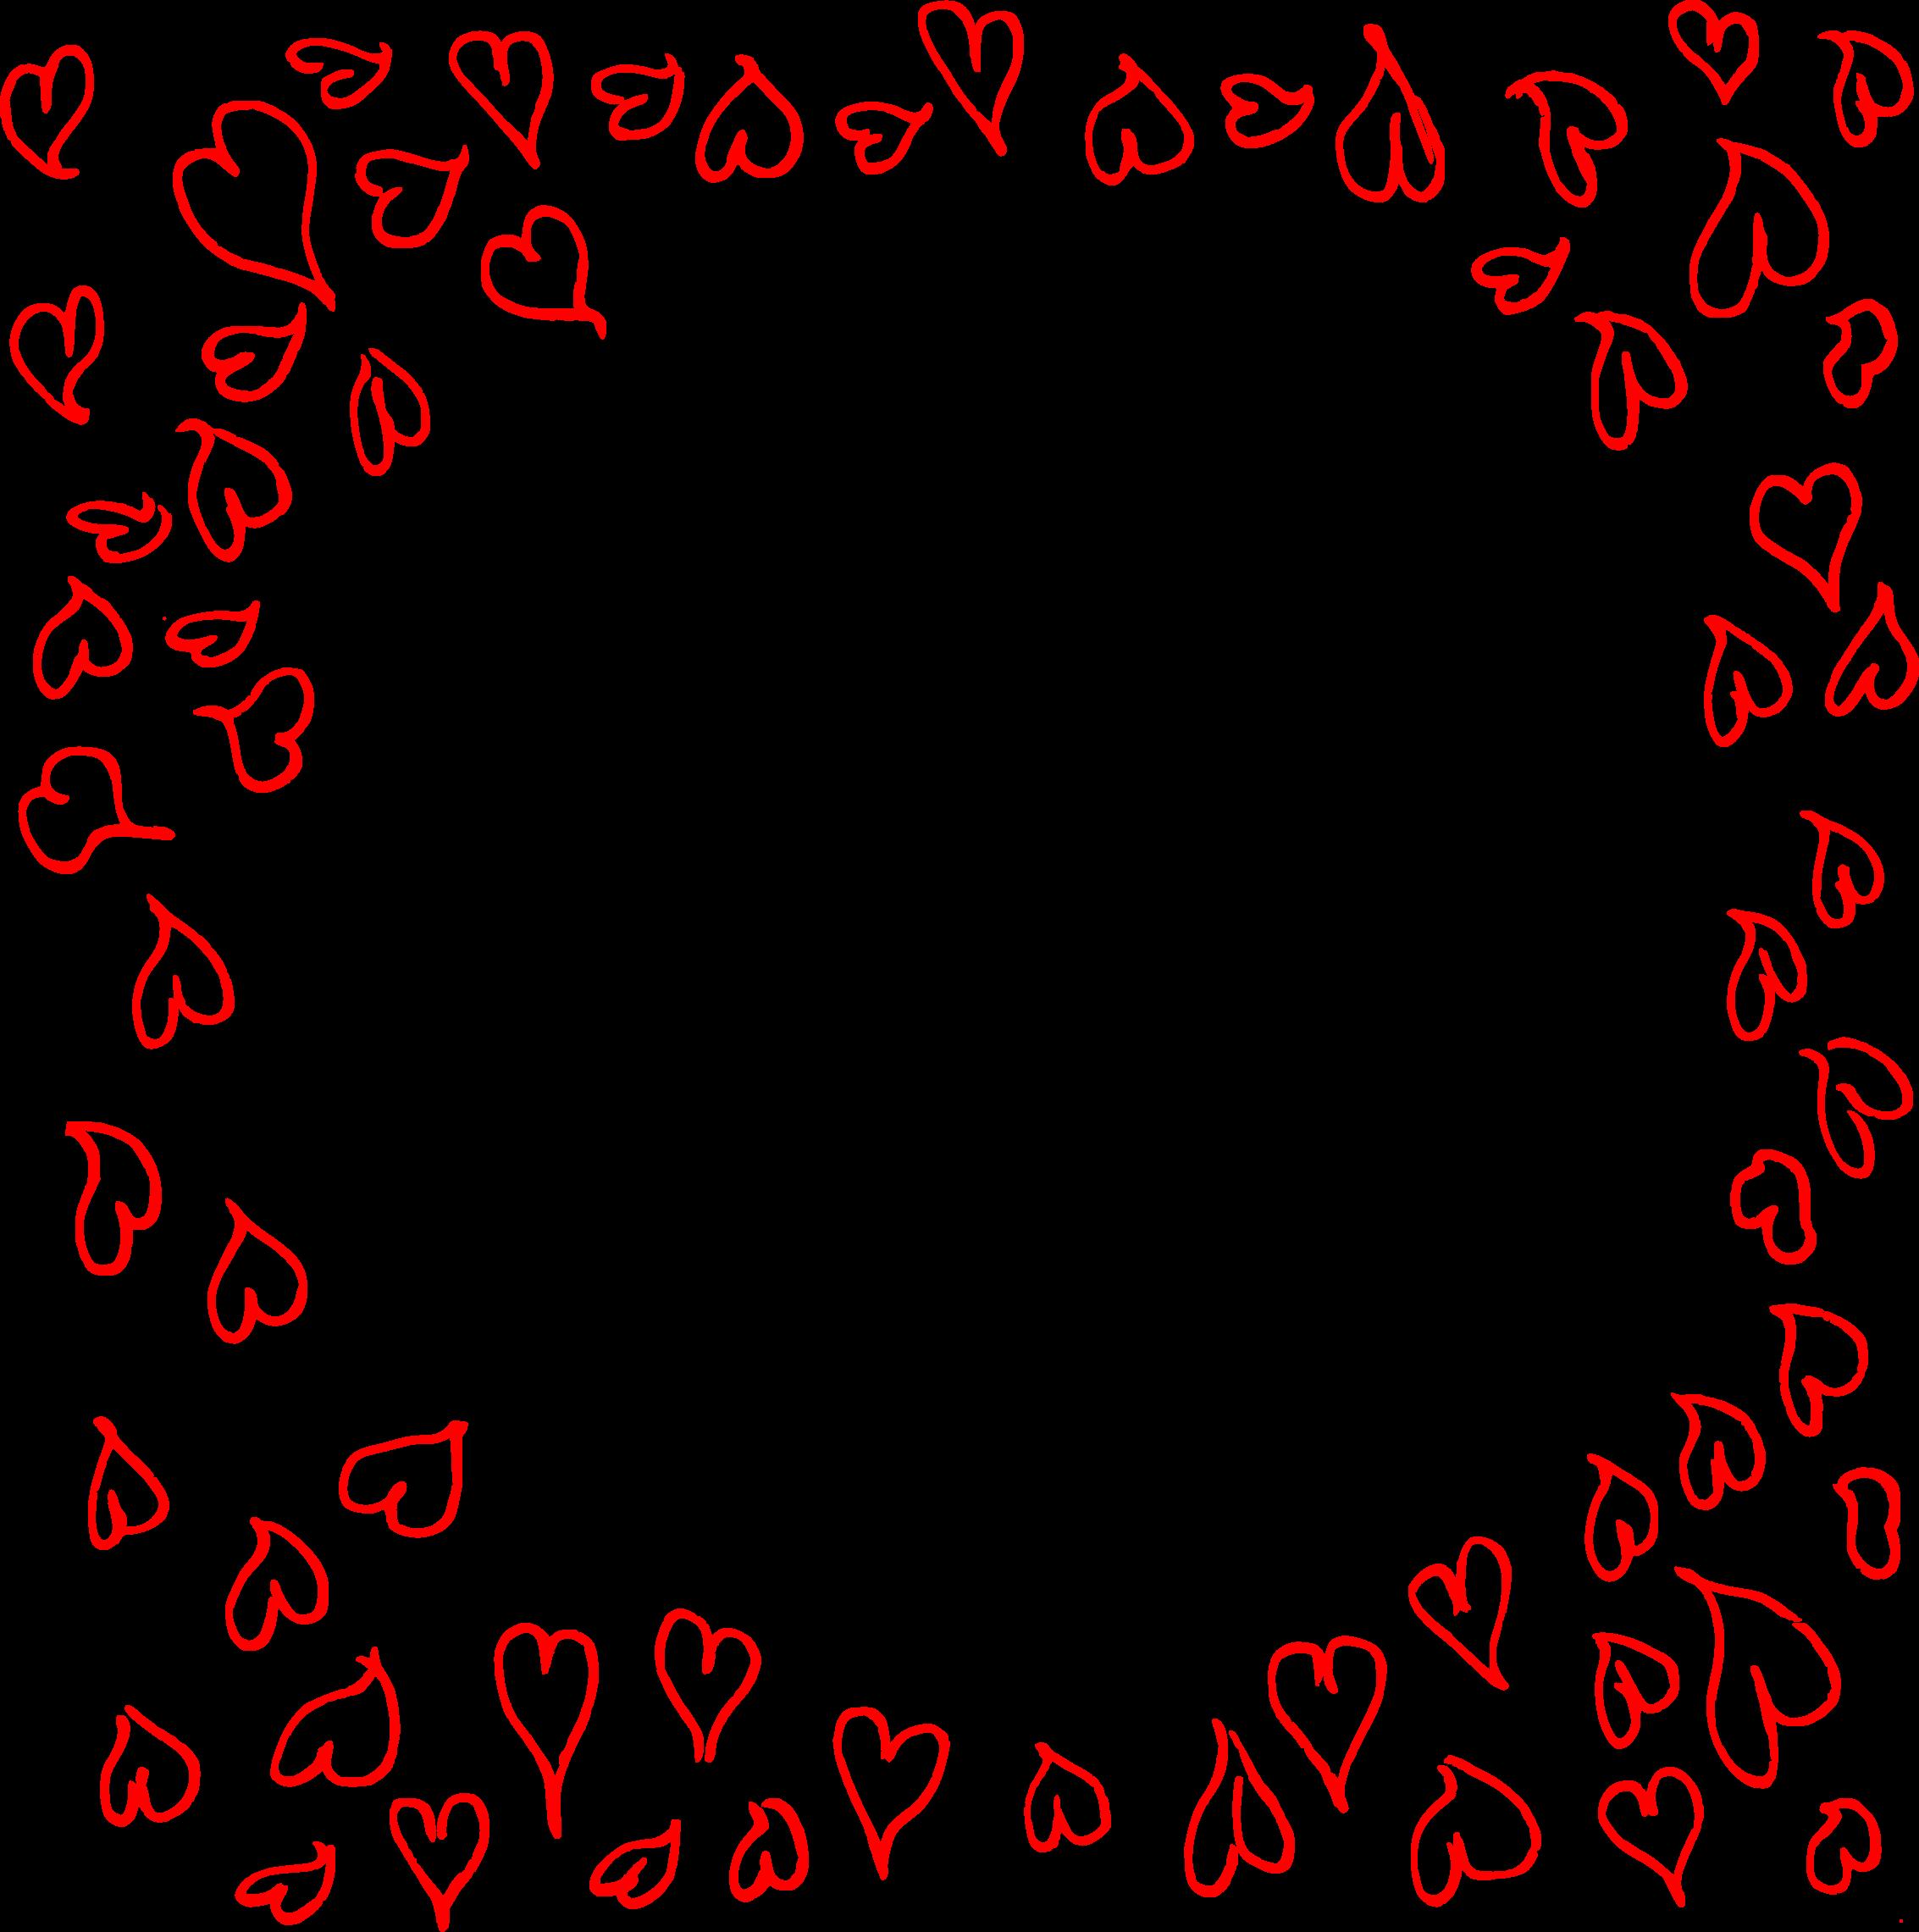 heart-doodle-frame-1-1.png